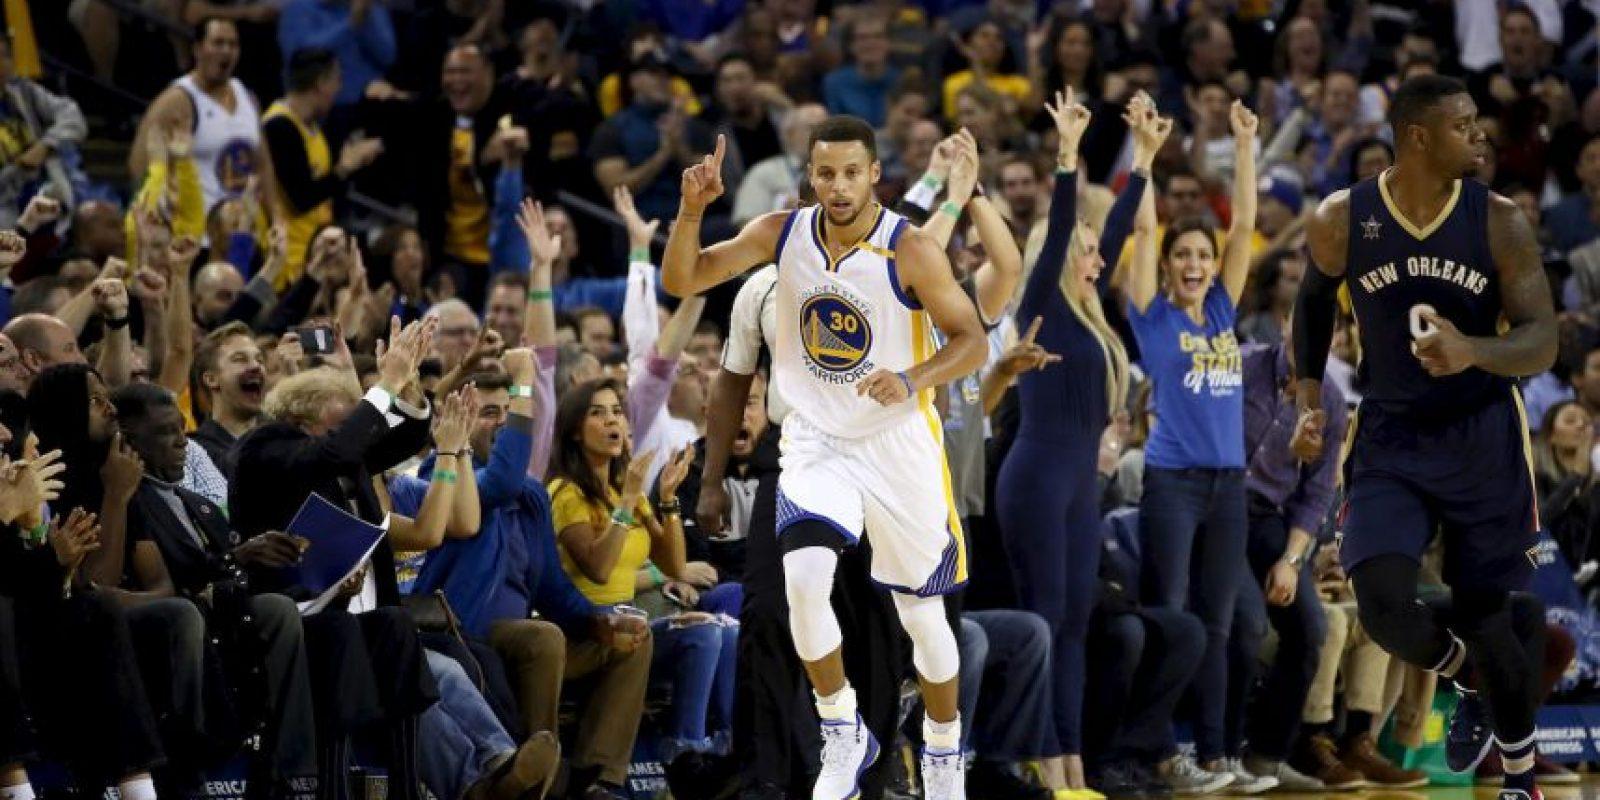 Curry es el jugador que más puntos en una prórroga: 17 en el duelo ante Portland Blaizers del 10 de mayo de 2016. Foto:Getty Images